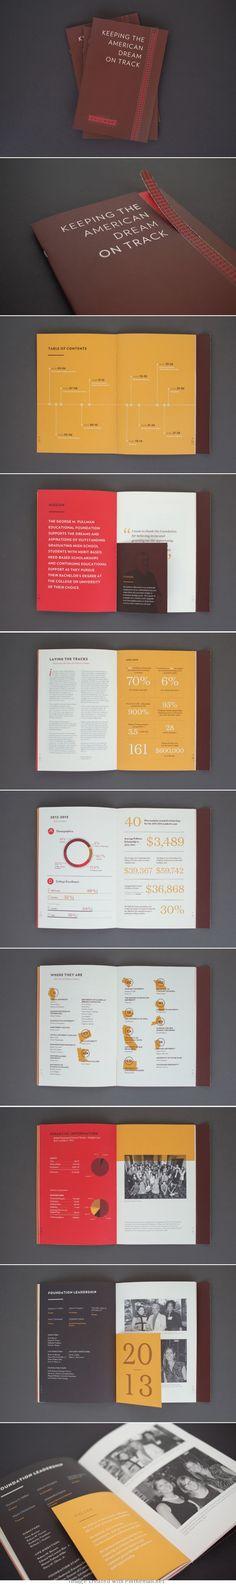 Nicole and Mike McQuade: Pullman Foundation Annual Report